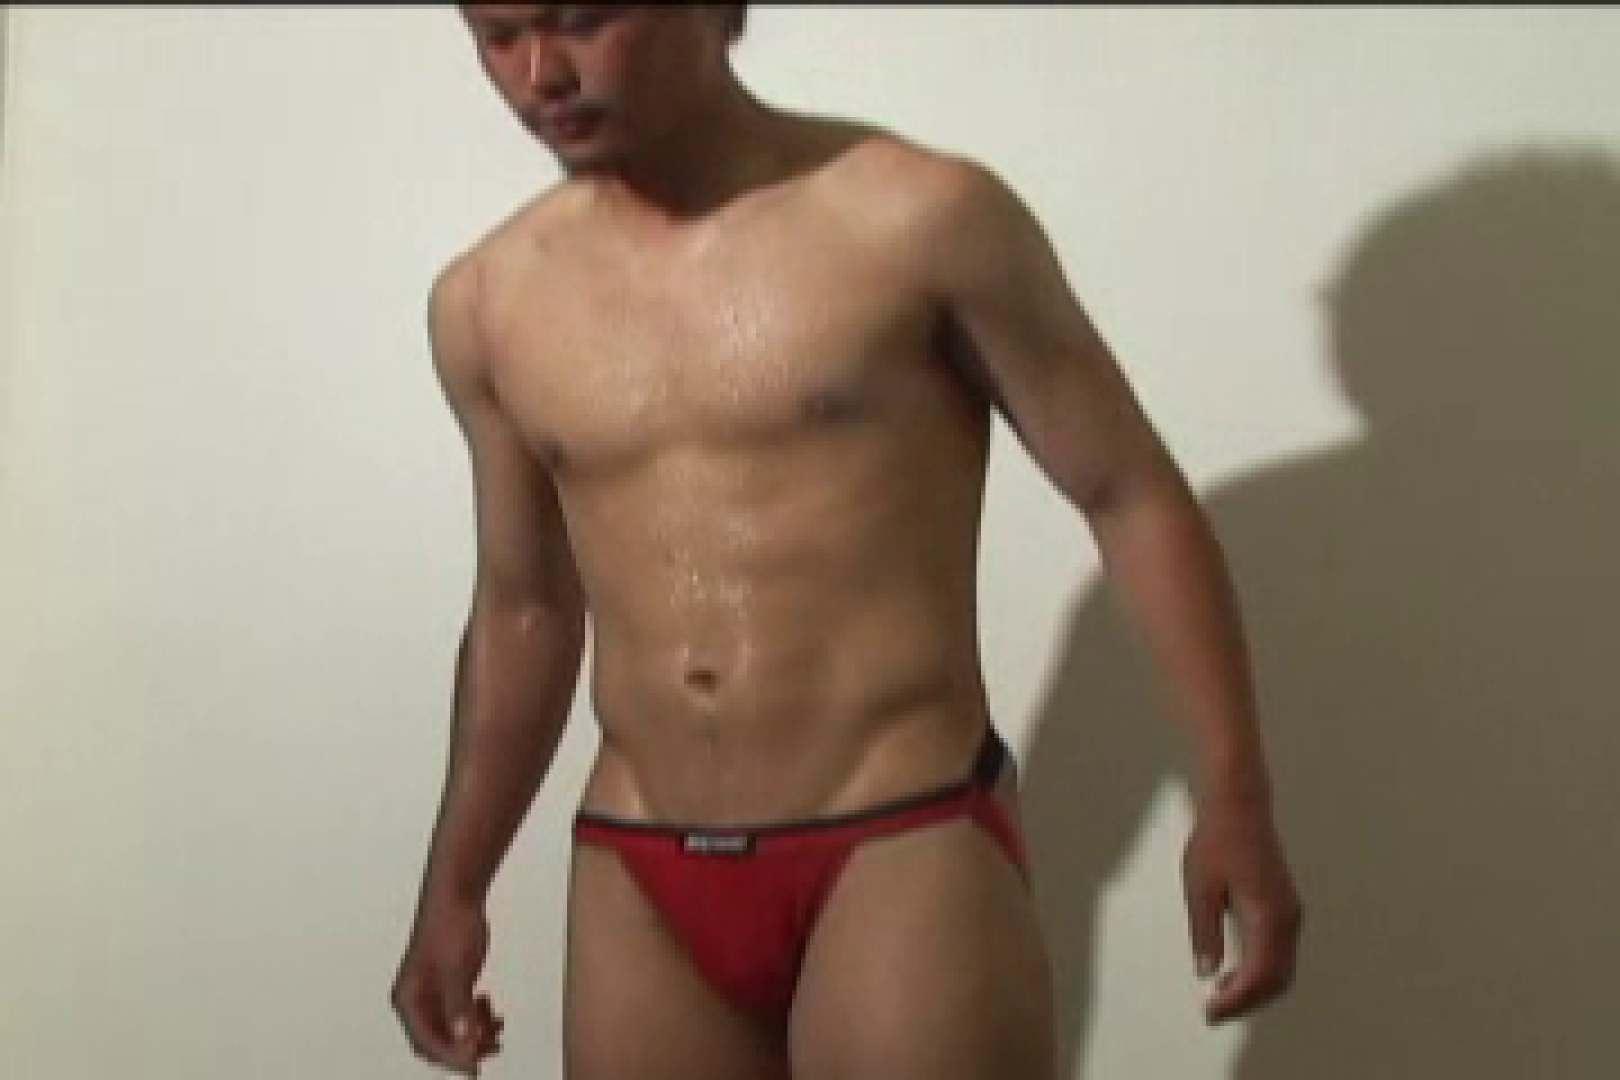 スポMENファック!!反り勃つ男根!!vol.10 裸特集 | ディープキス  11枚 1